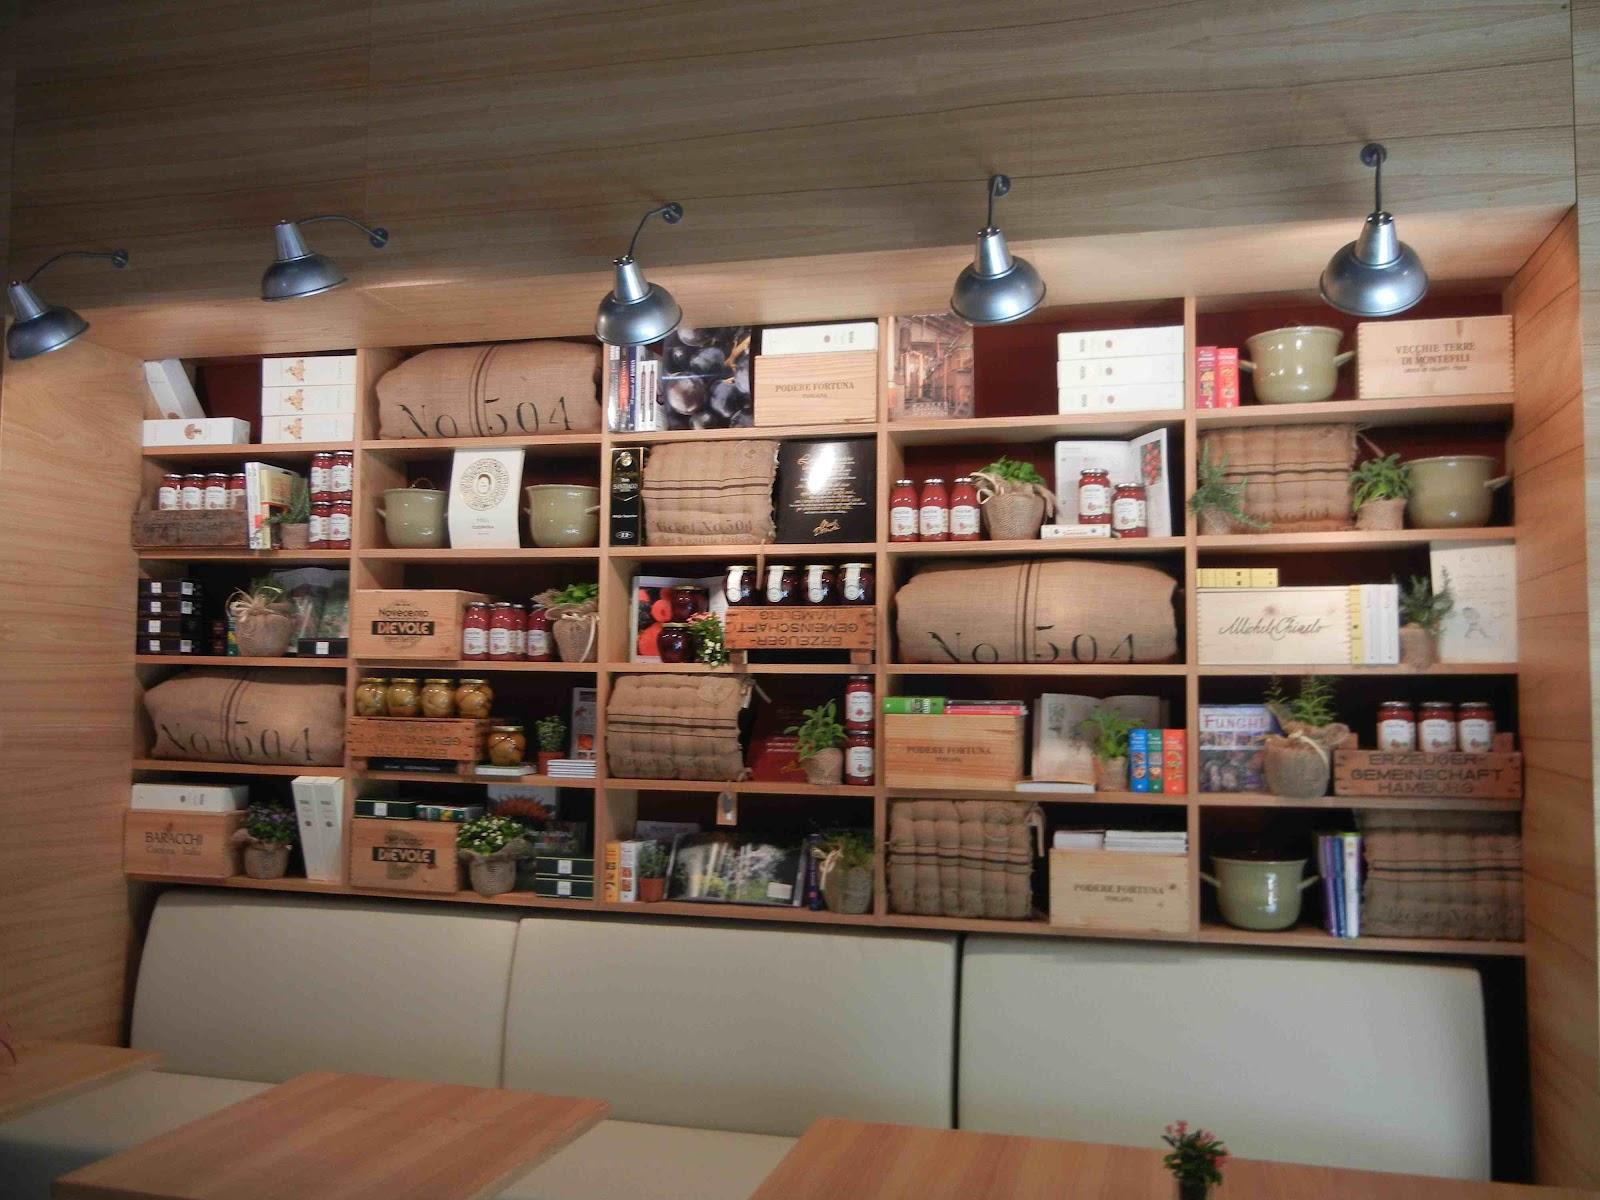 Libreria Spazio Eventi Con Tanto Di Cabina Regia E Sala Registrazione #8F573C 1600 1200 Sala Da Pranzo Con Cucina A Vista